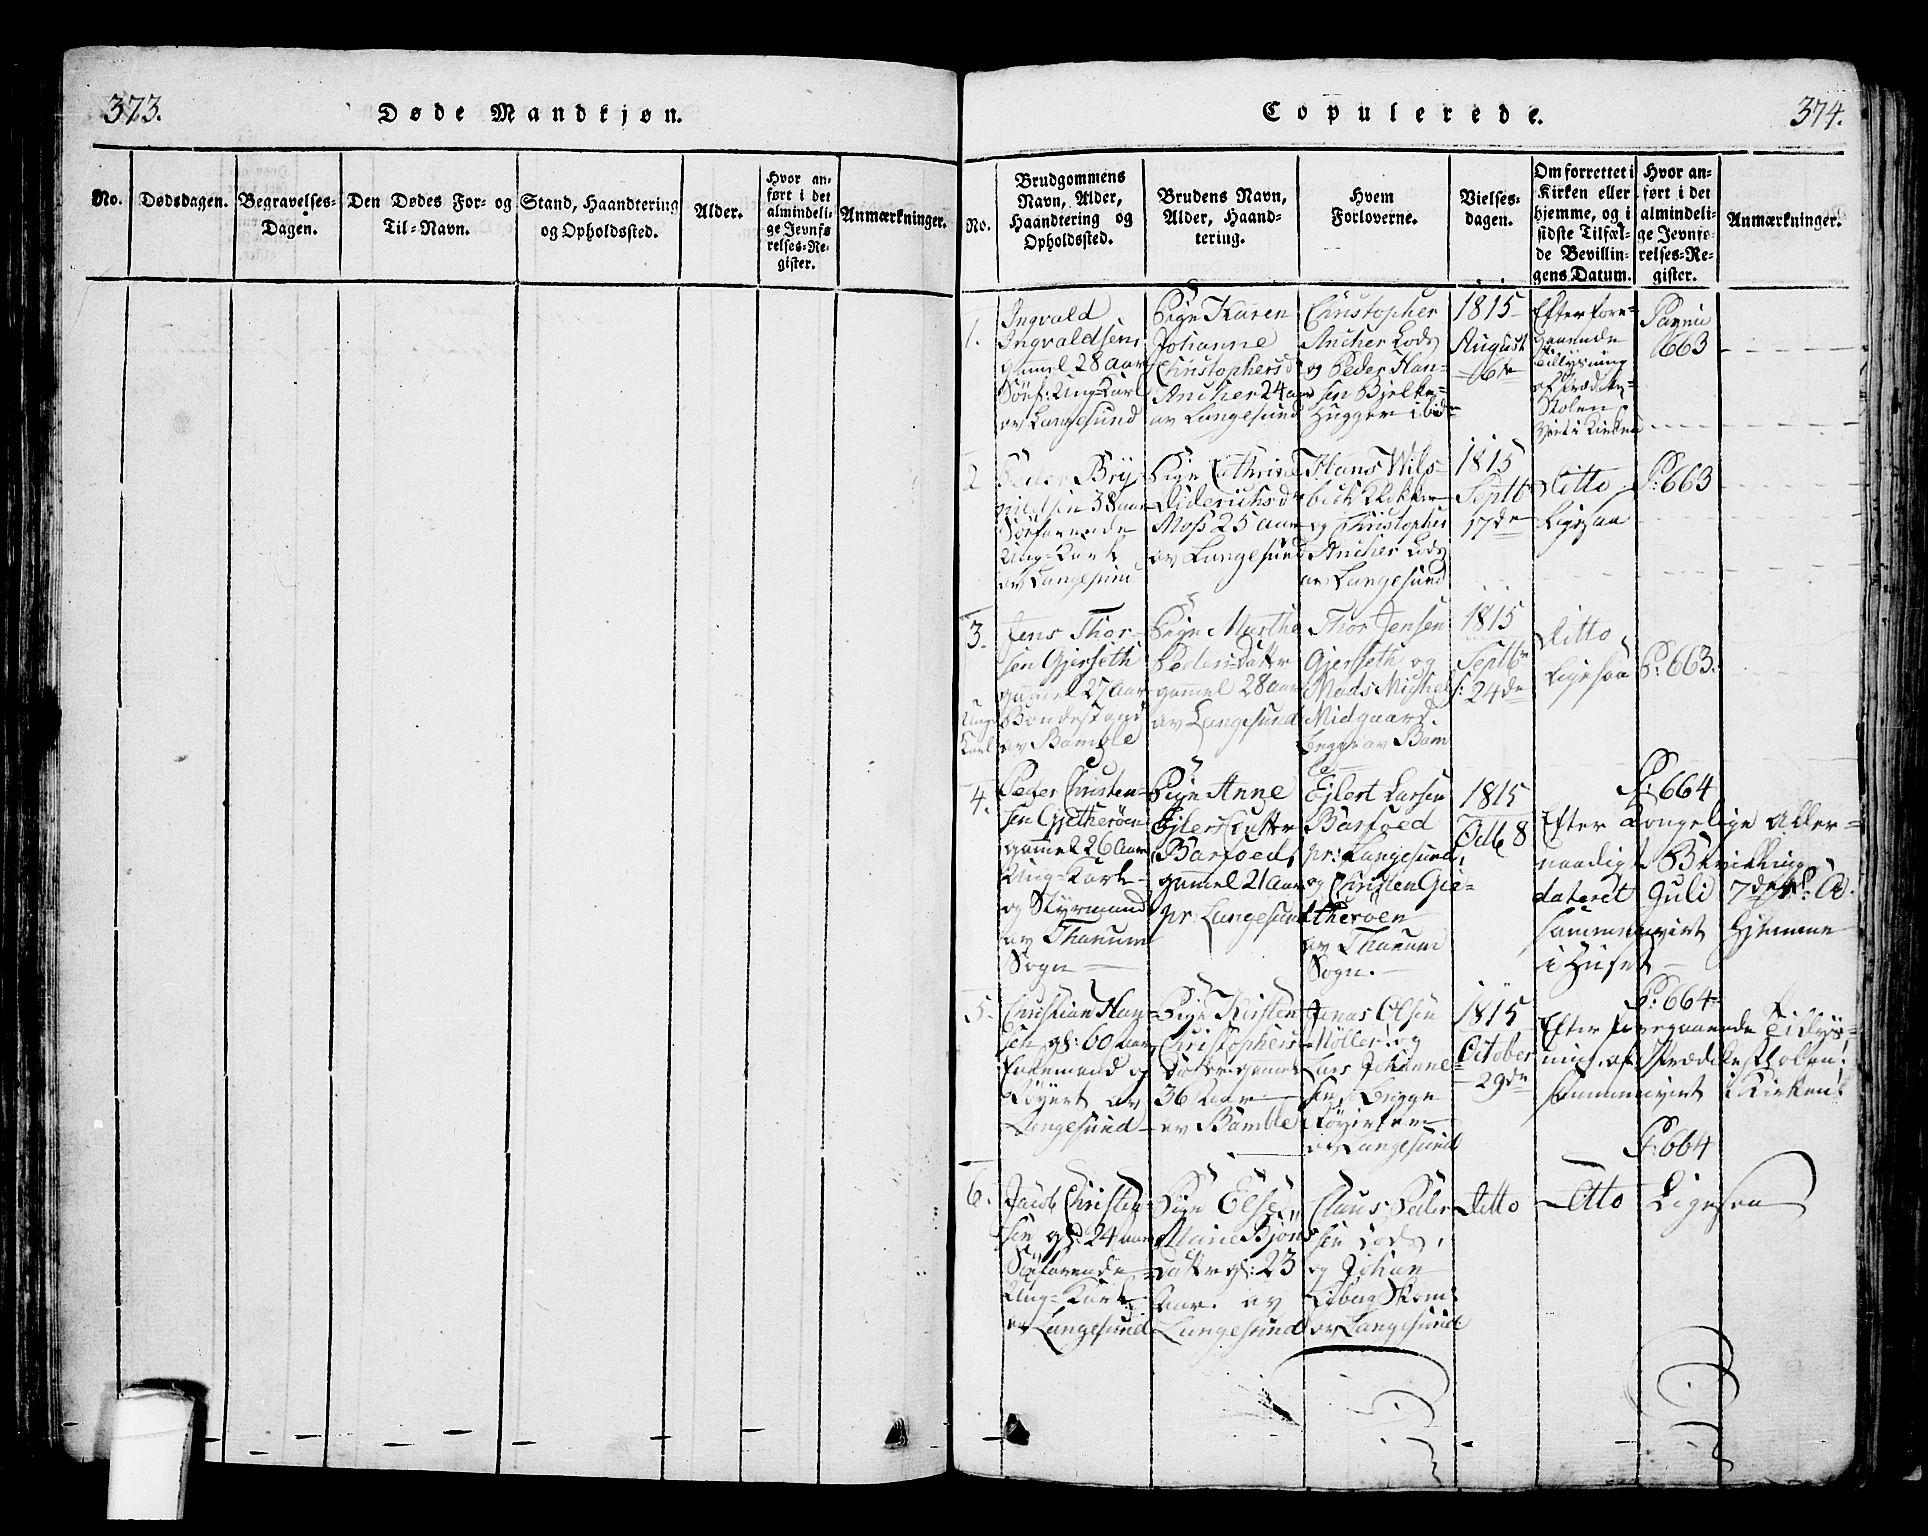 SAKO, Langesund kirkebøker, G/Ga/L0003: Klokkerbok nr. 3, 1815-1858, s. 373-374